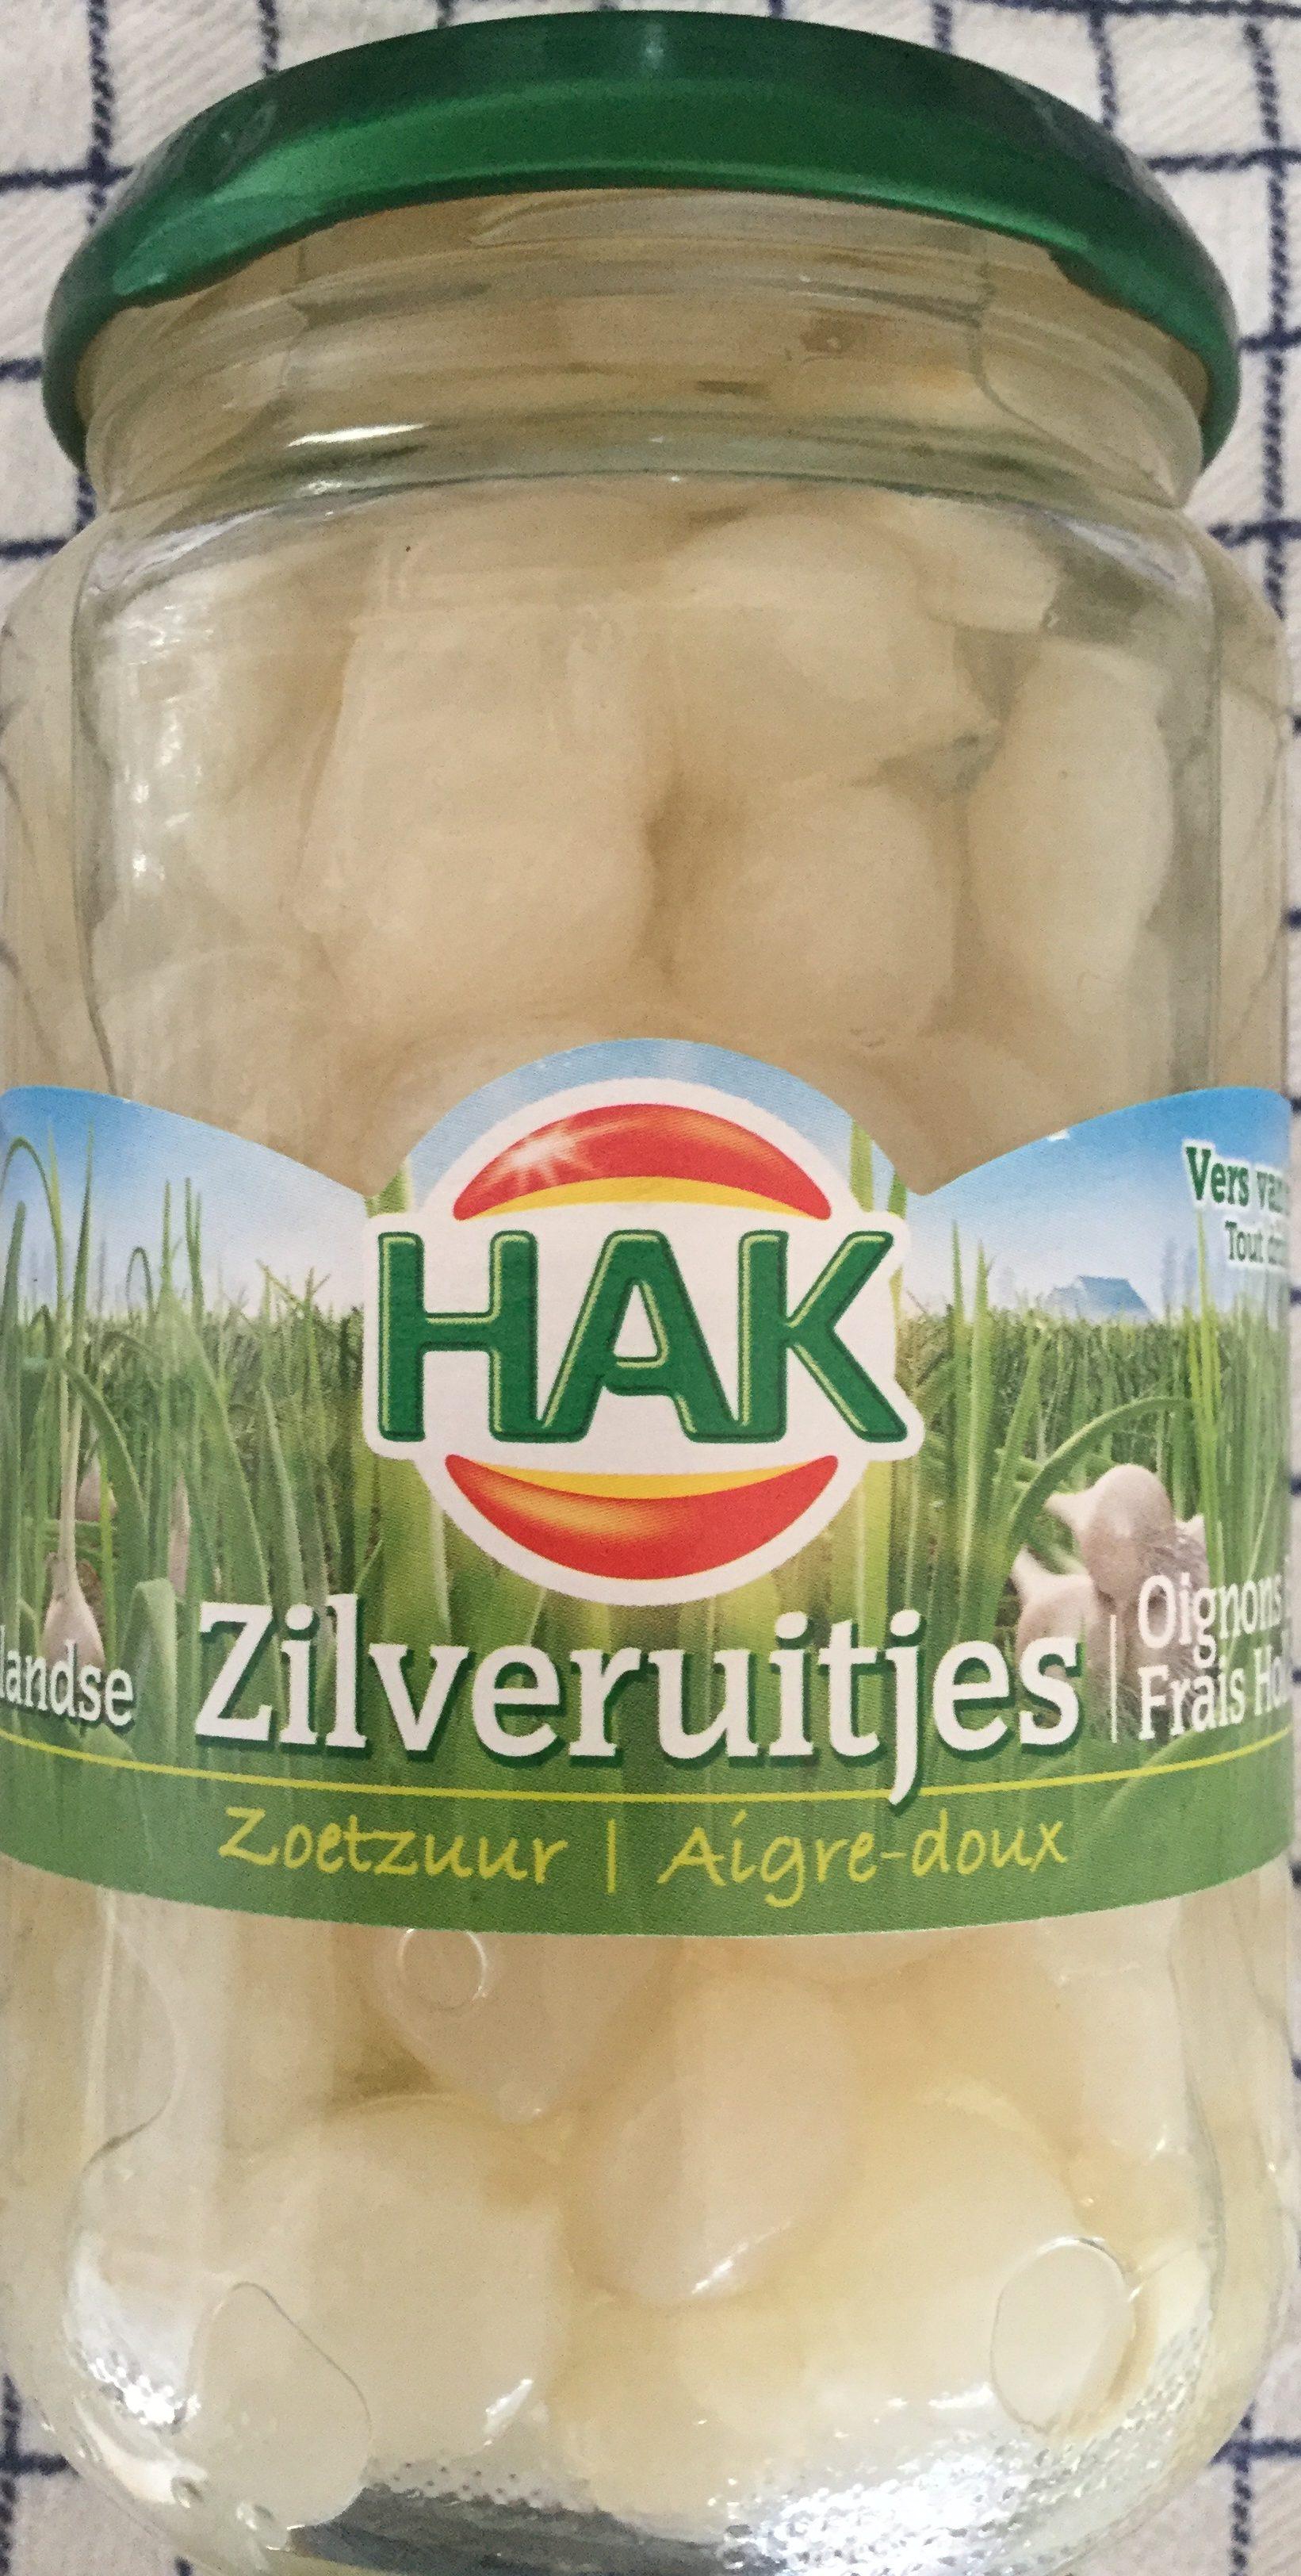 Zilveruitjes zoetzuur - Product - nl